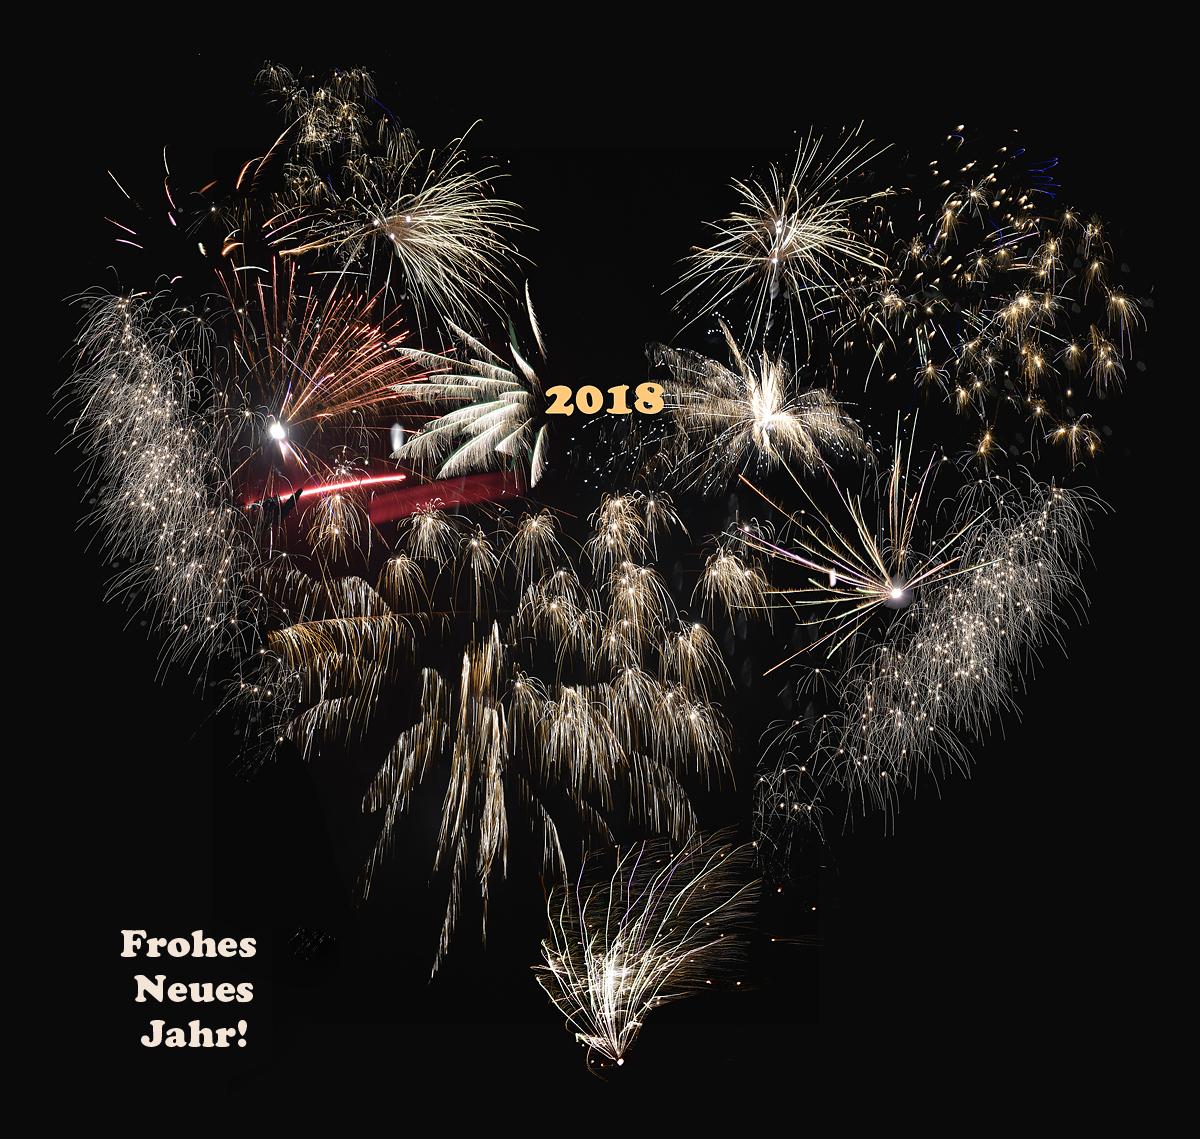 Wir wünschen ein frohes neues Jahr 2018! – Dalberg